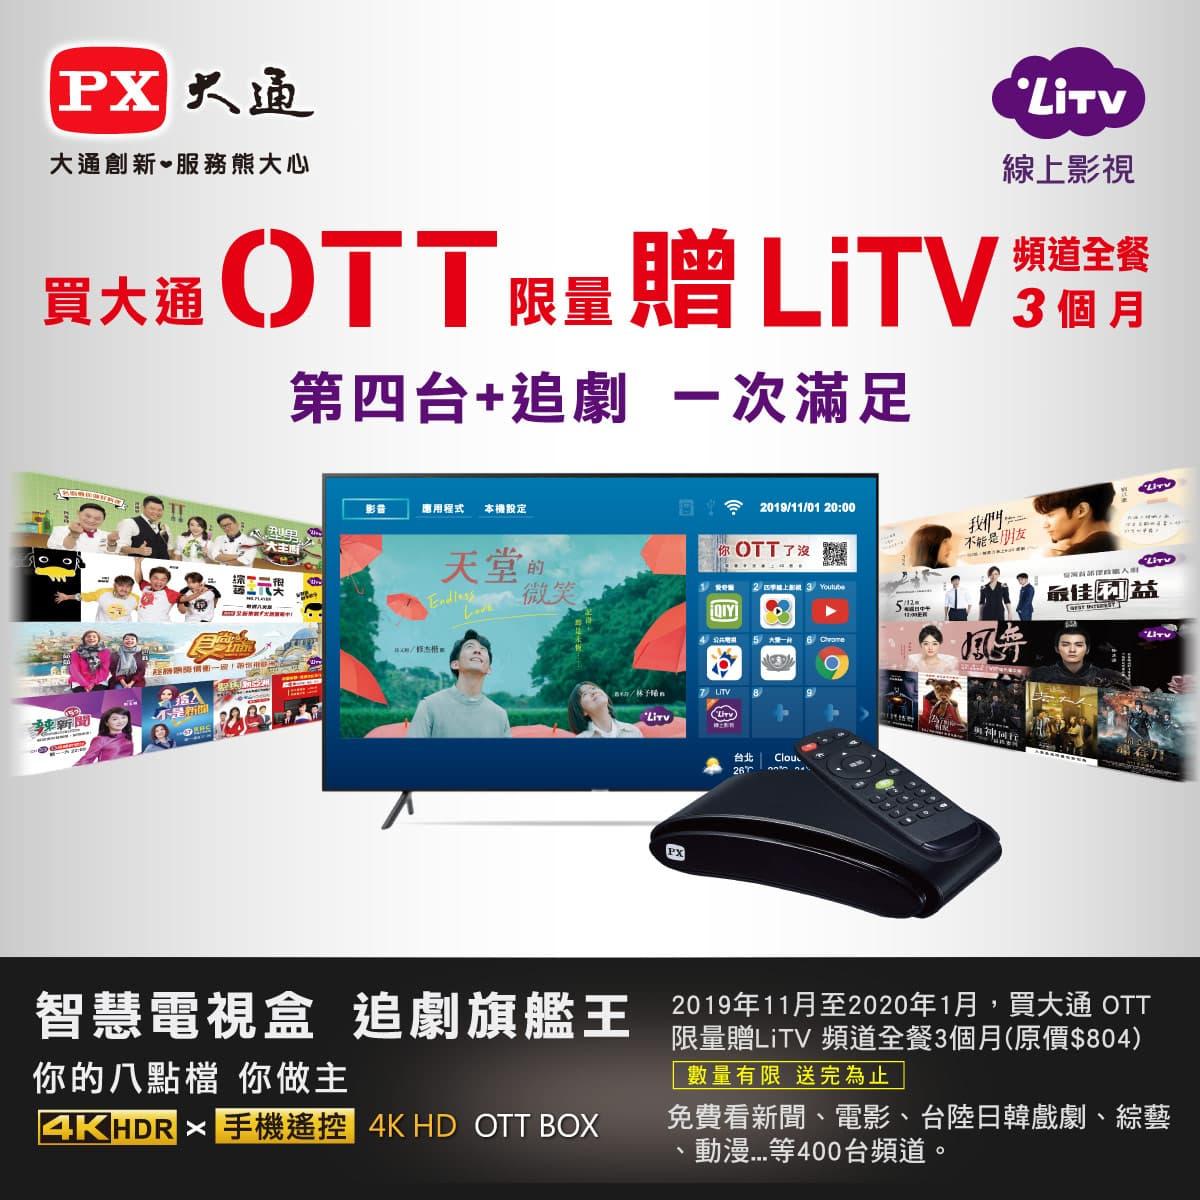 proimages/hot-news/20191101-OTTXLiTV/OTTXLiTV.jpg